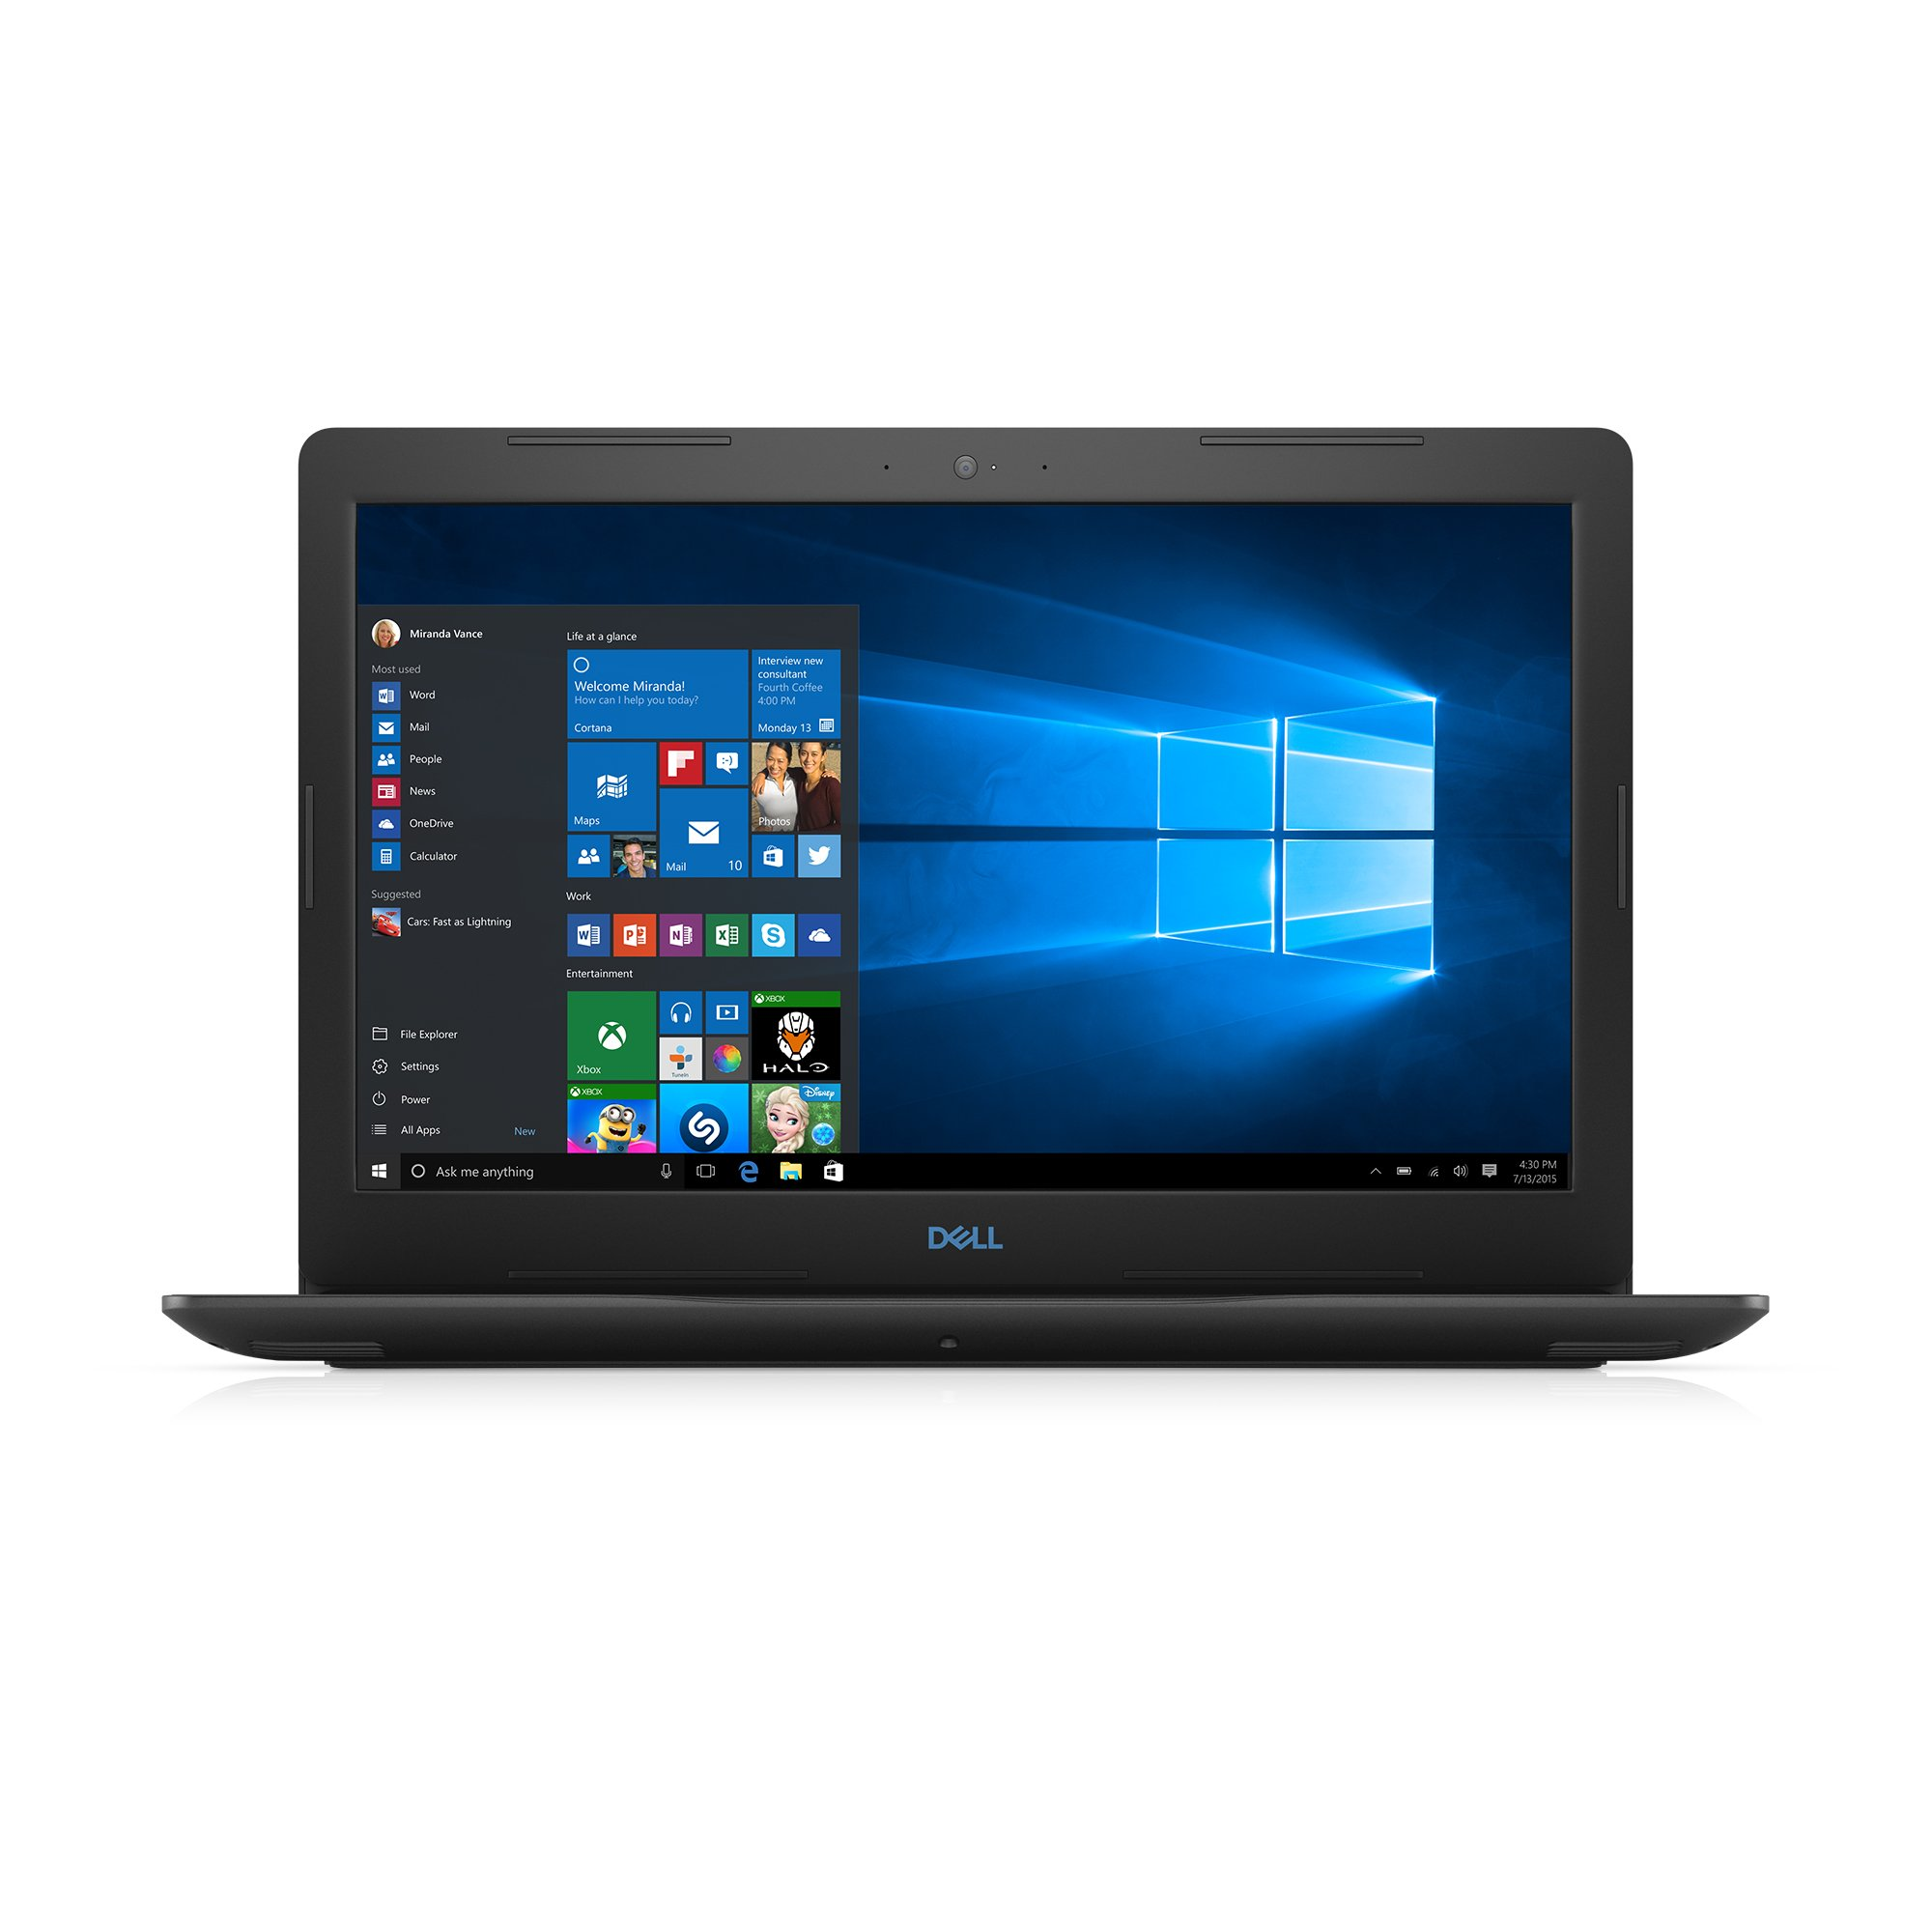 Dell Gaming Laptop G3579-5941BLK-PUS G3 15 3579 - 15.6'' Full HD IPS Anti-Glare Display - 8th Gen Intel i5 Processor - 8GB DDR4 - 128GB SSD+1TB HDD - NVIDIA GeForce GTX 1050 4GB, Windows 10 64bit